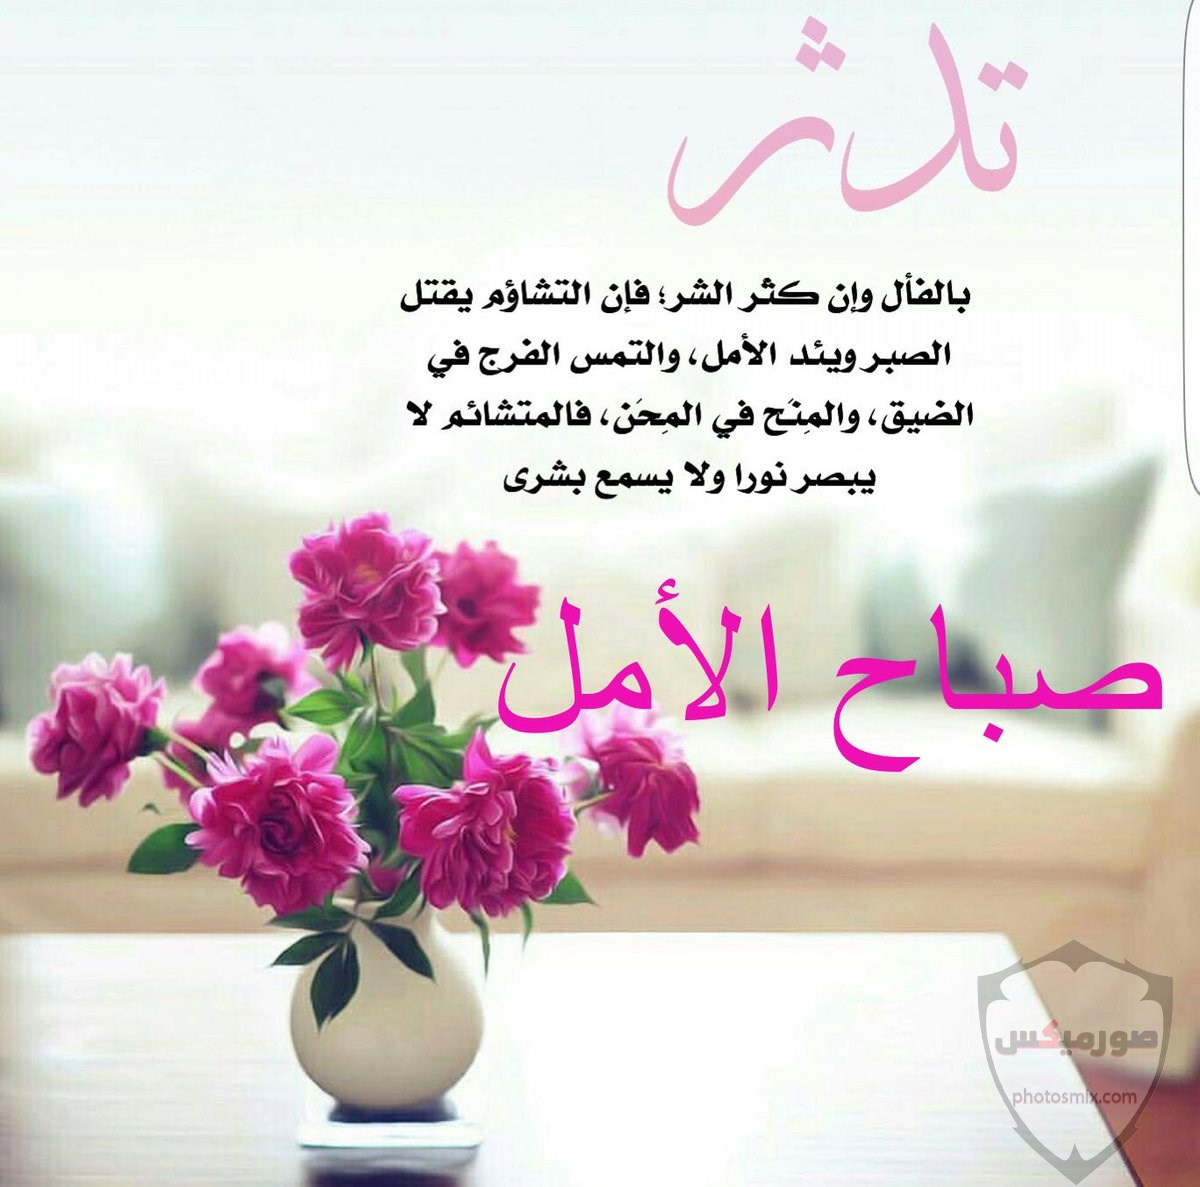 صور صباح الخير رومانسيه جديدة وجميلة أحلي صباح 10